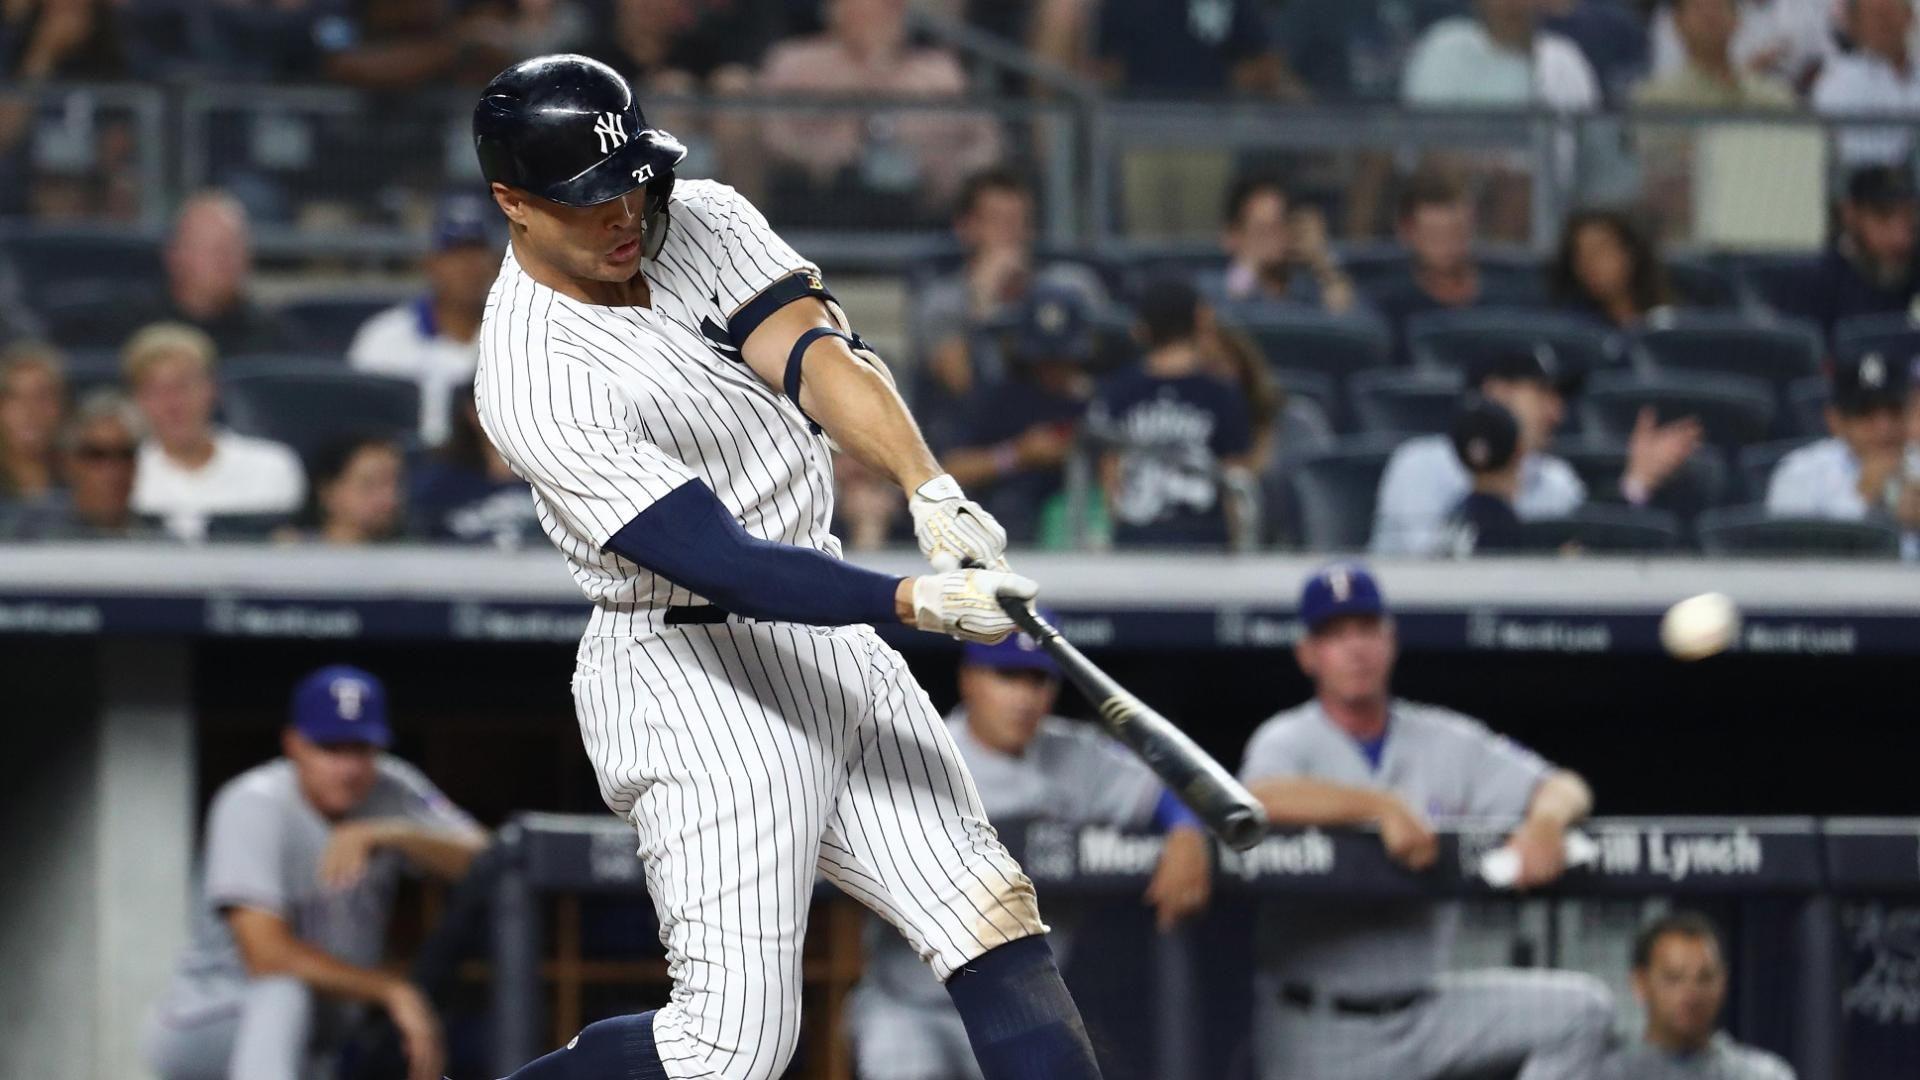 Stanton headlines this week's best homers